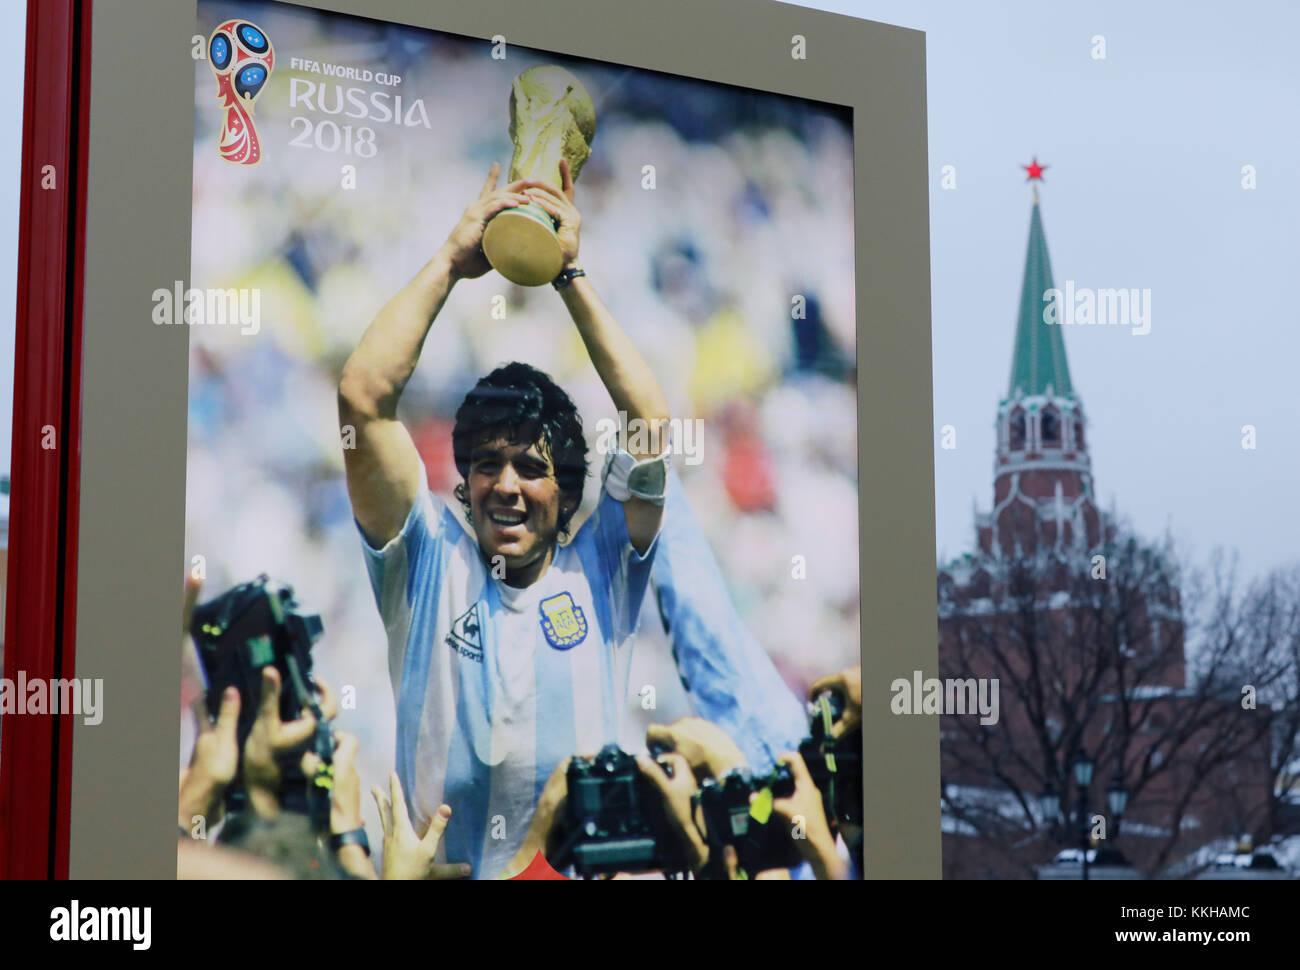 Der Kreml with WM 2018 Logos und Plakaten. Hier with einem Plakat vom Weltmeister 1986 with Diego Maradona (Argentinien). Feature/Schmuckbild/Hintergrund/Hintergrundbild. Fussball: Auslosung zur FIFA- Fussball Weltmeisterschaft 2018 in Moskau, Russland 01.12.2017 - Football, Draw for the FIFA- World Cup 2018, Moscow, December 01, 2017 |usage worldwide Stock Photo